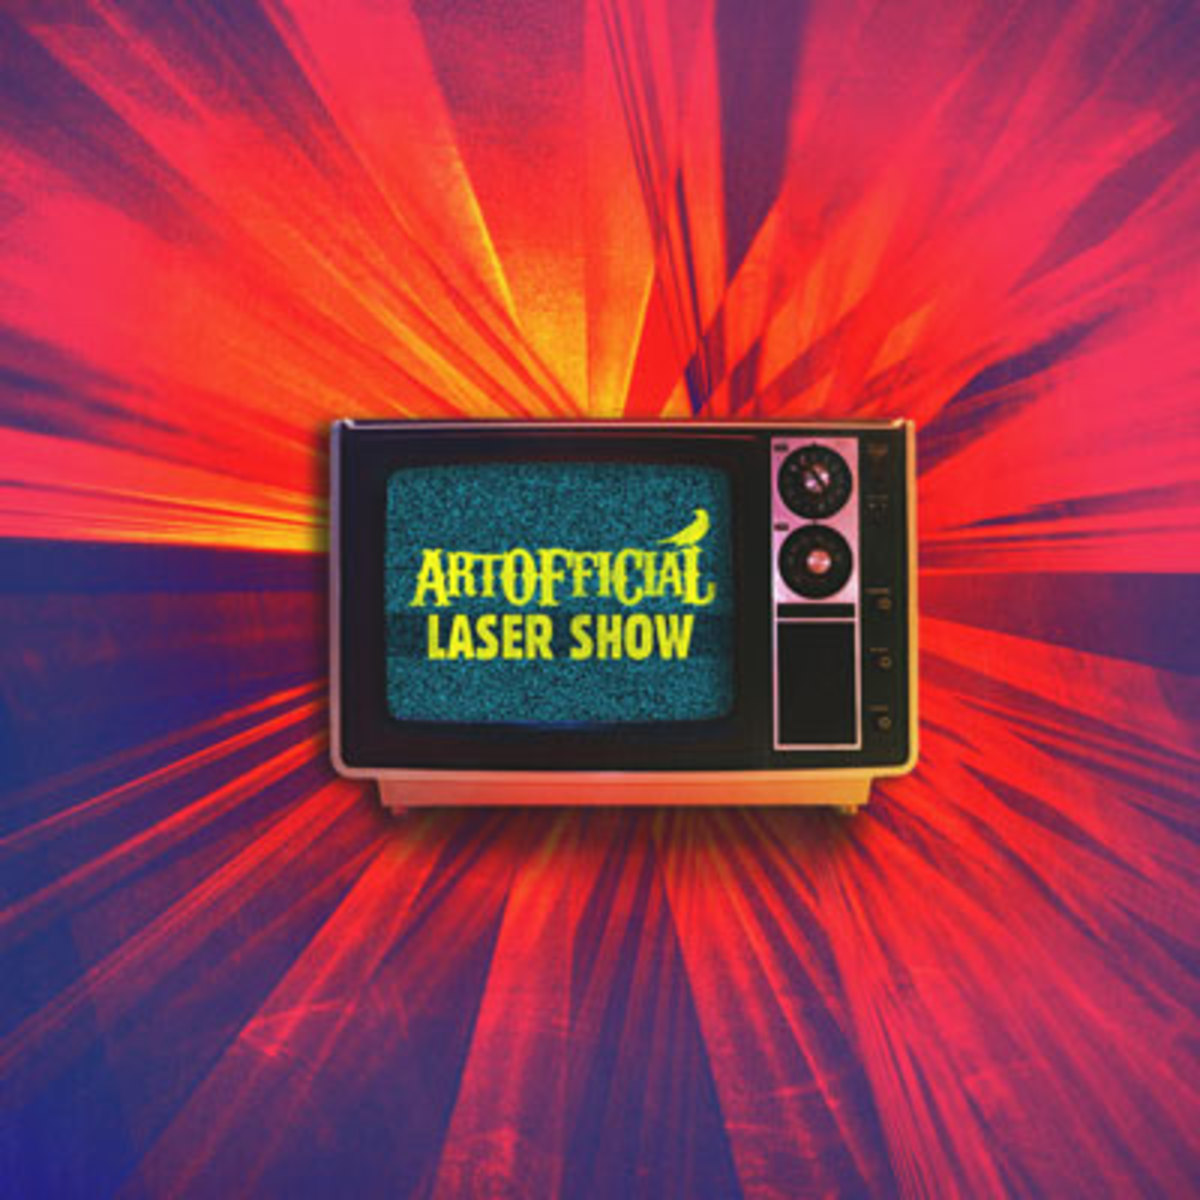 artofficial-lasershow.jpg